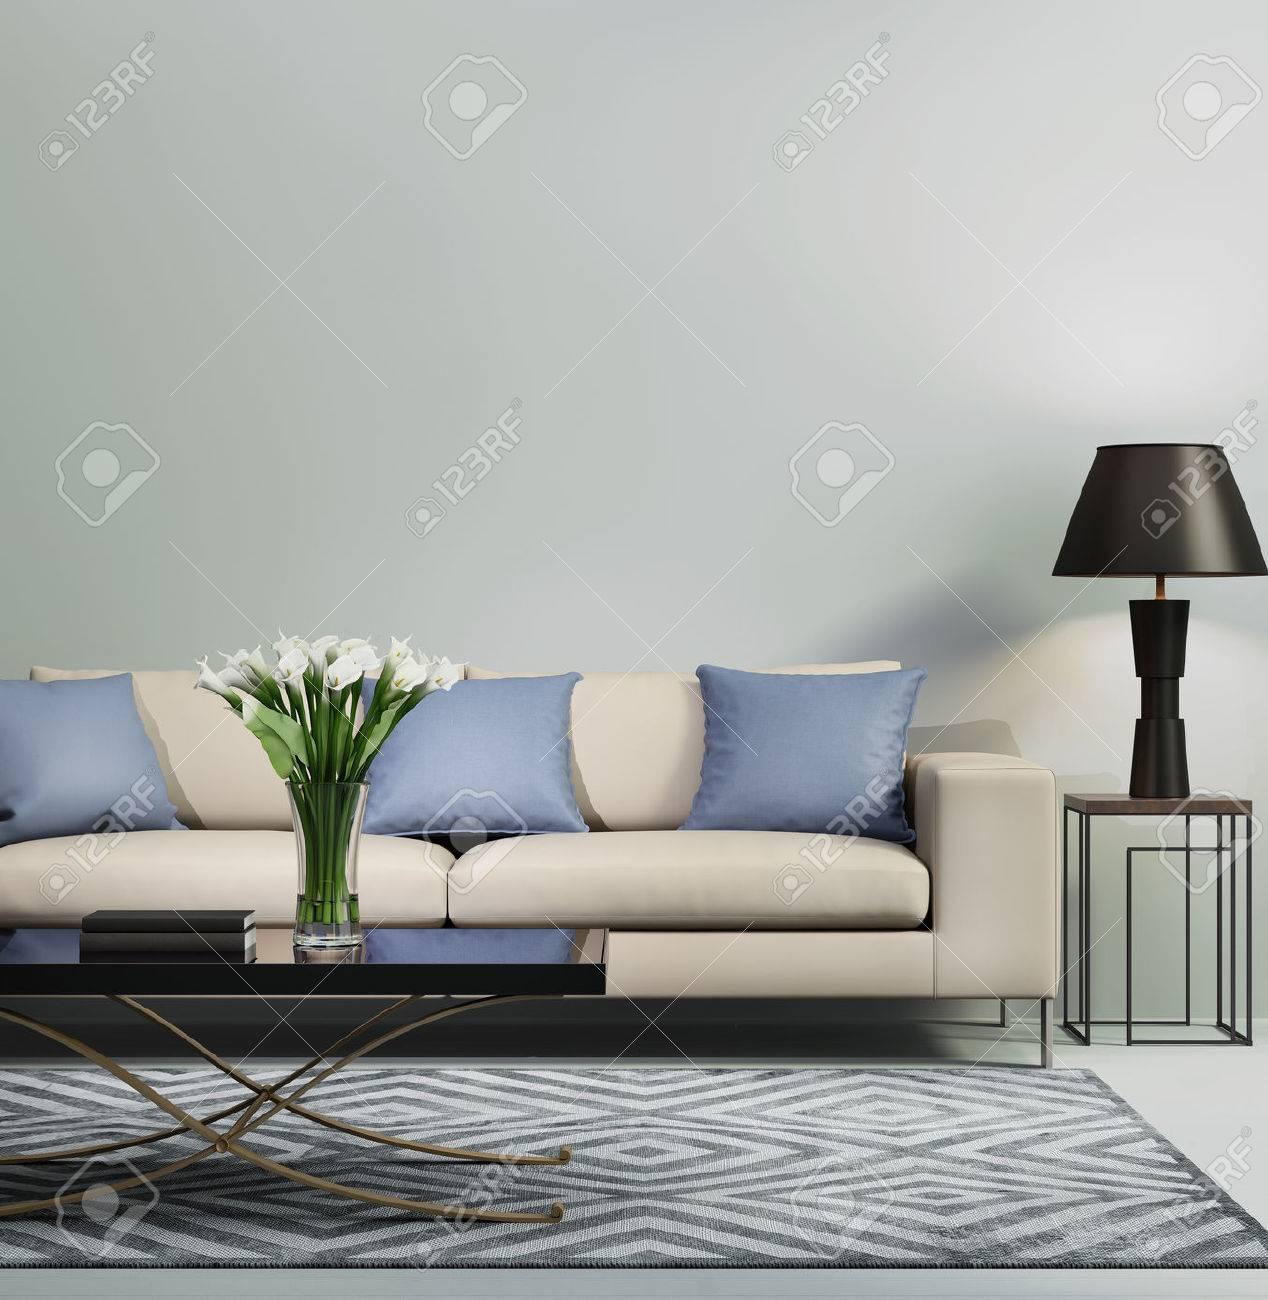 Liebenswert Couch Hellblau Beste Wahl Zeitgenössischen Modernen Sofa Standard-bild - 45838628